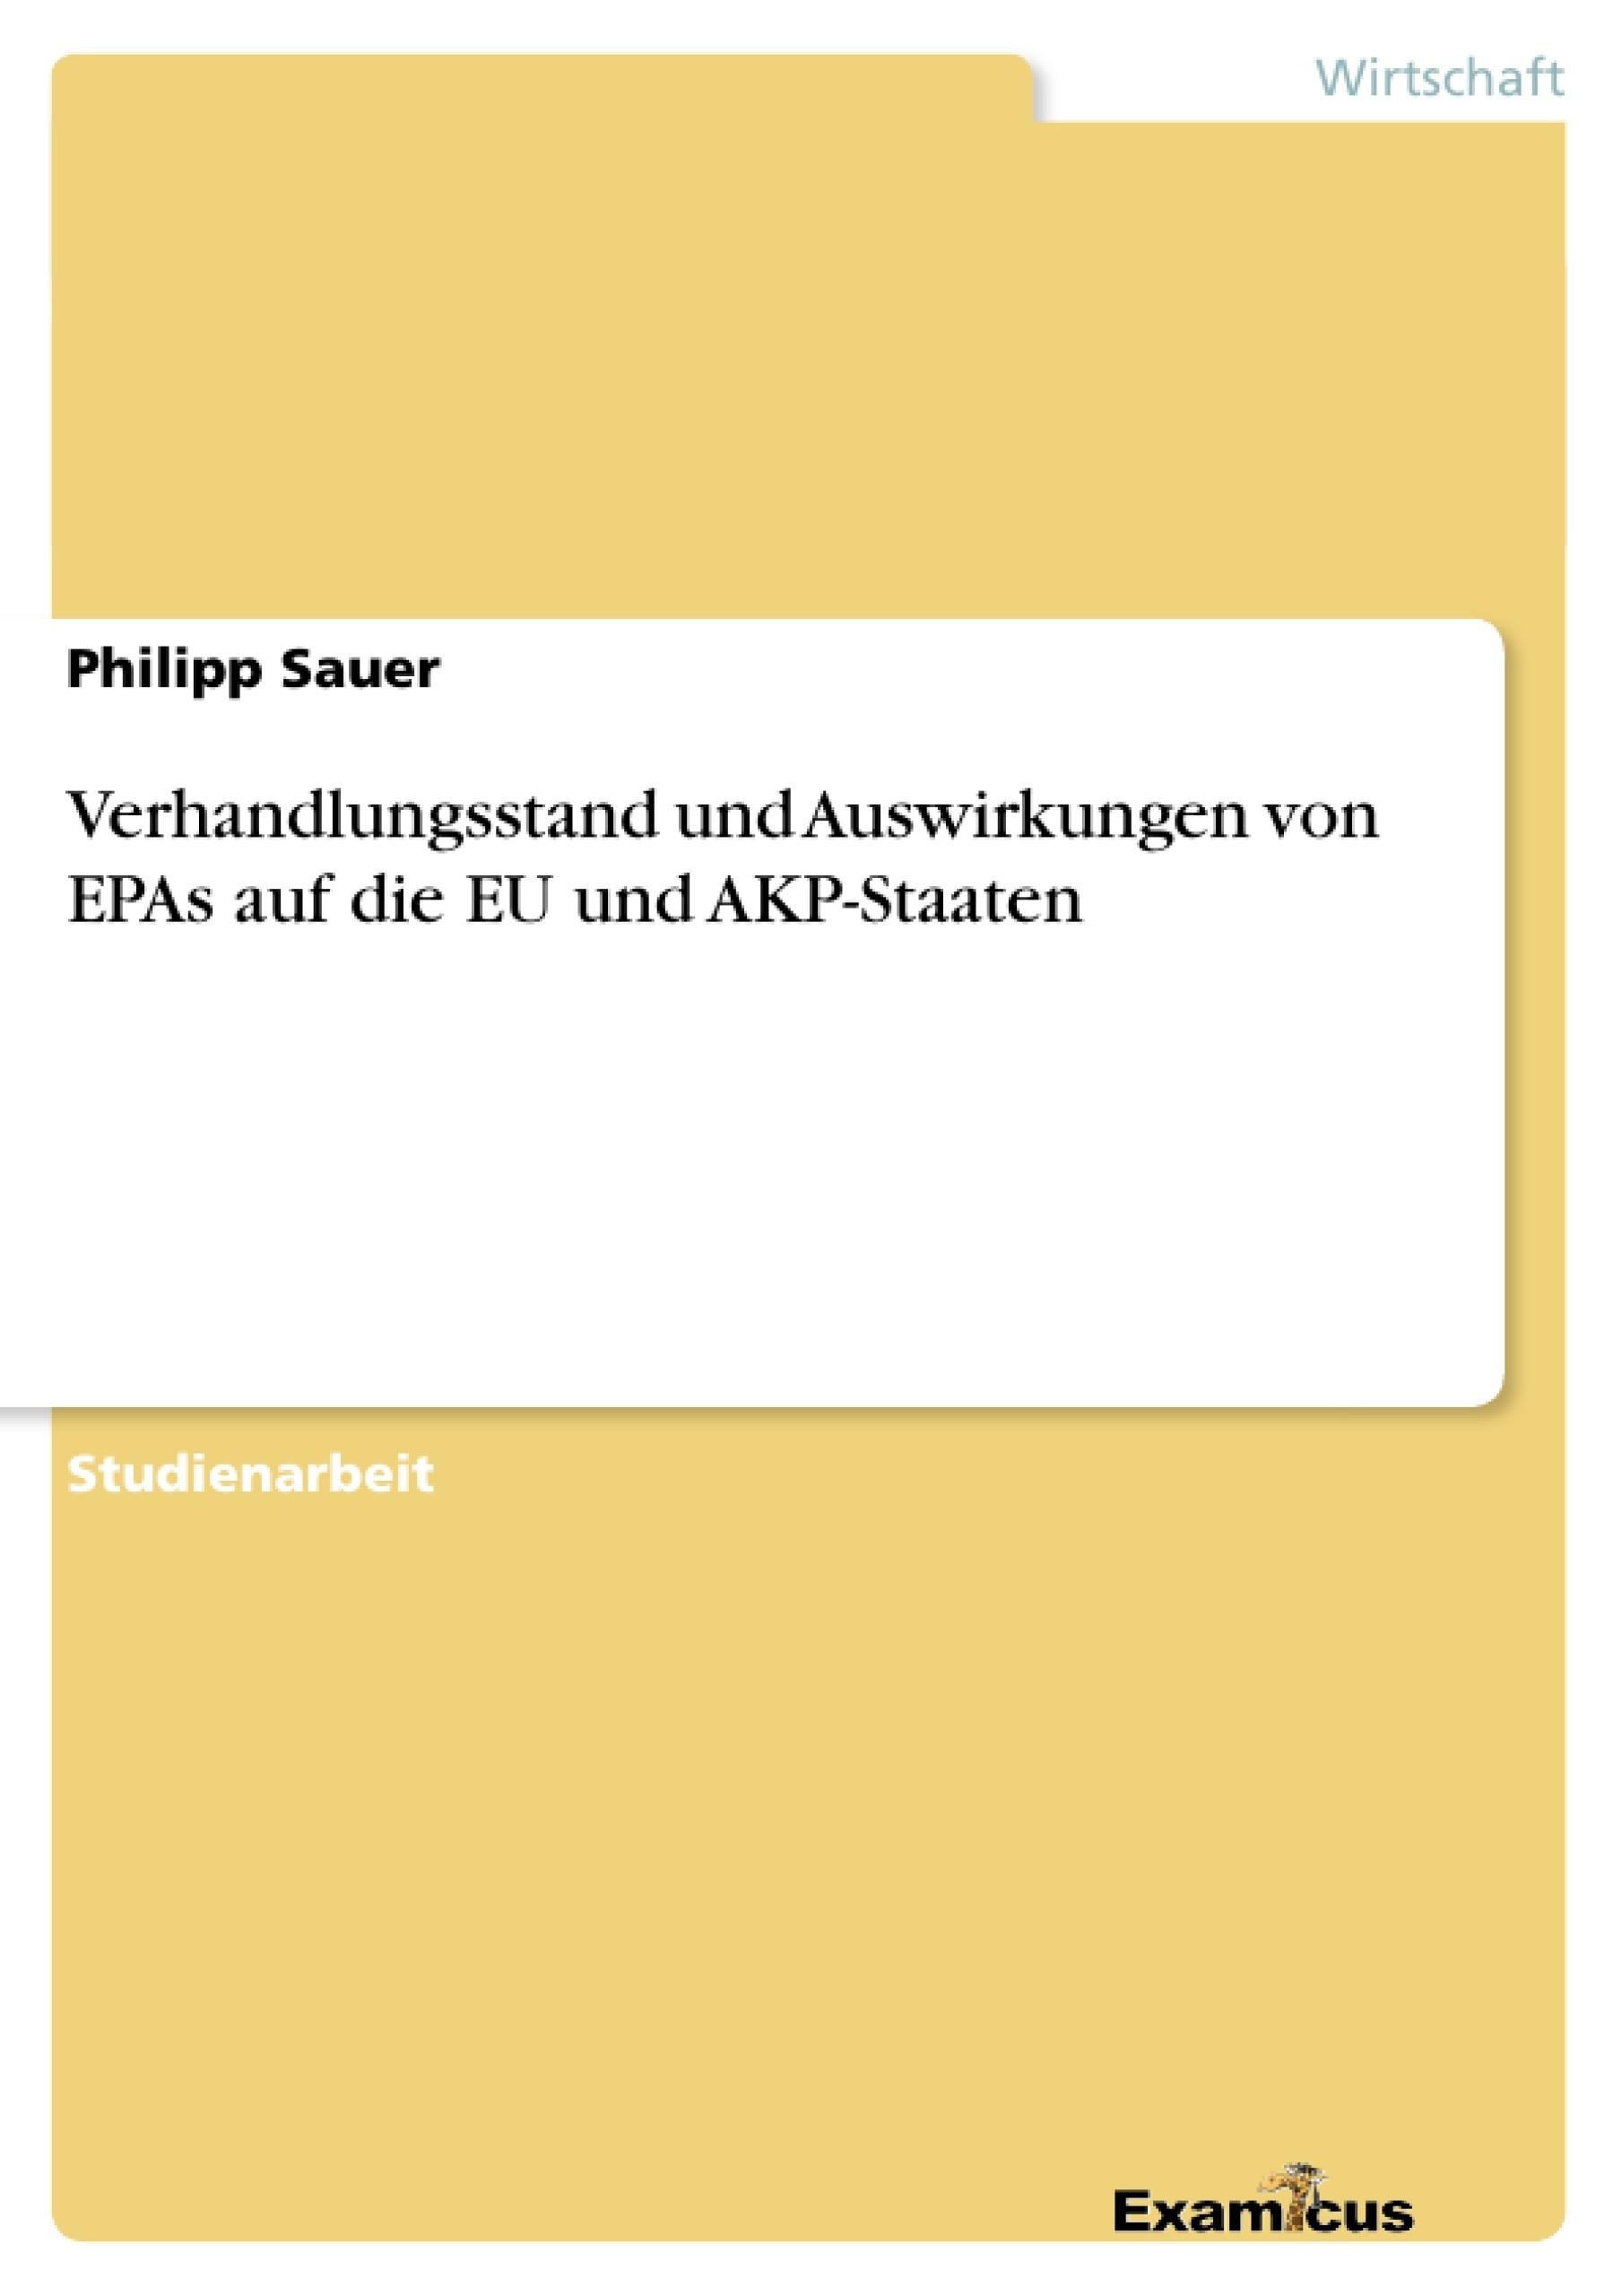 Titel: Verhandlungsstand und Auswirkungen von EPAs auf die EU und AKP-Staaten